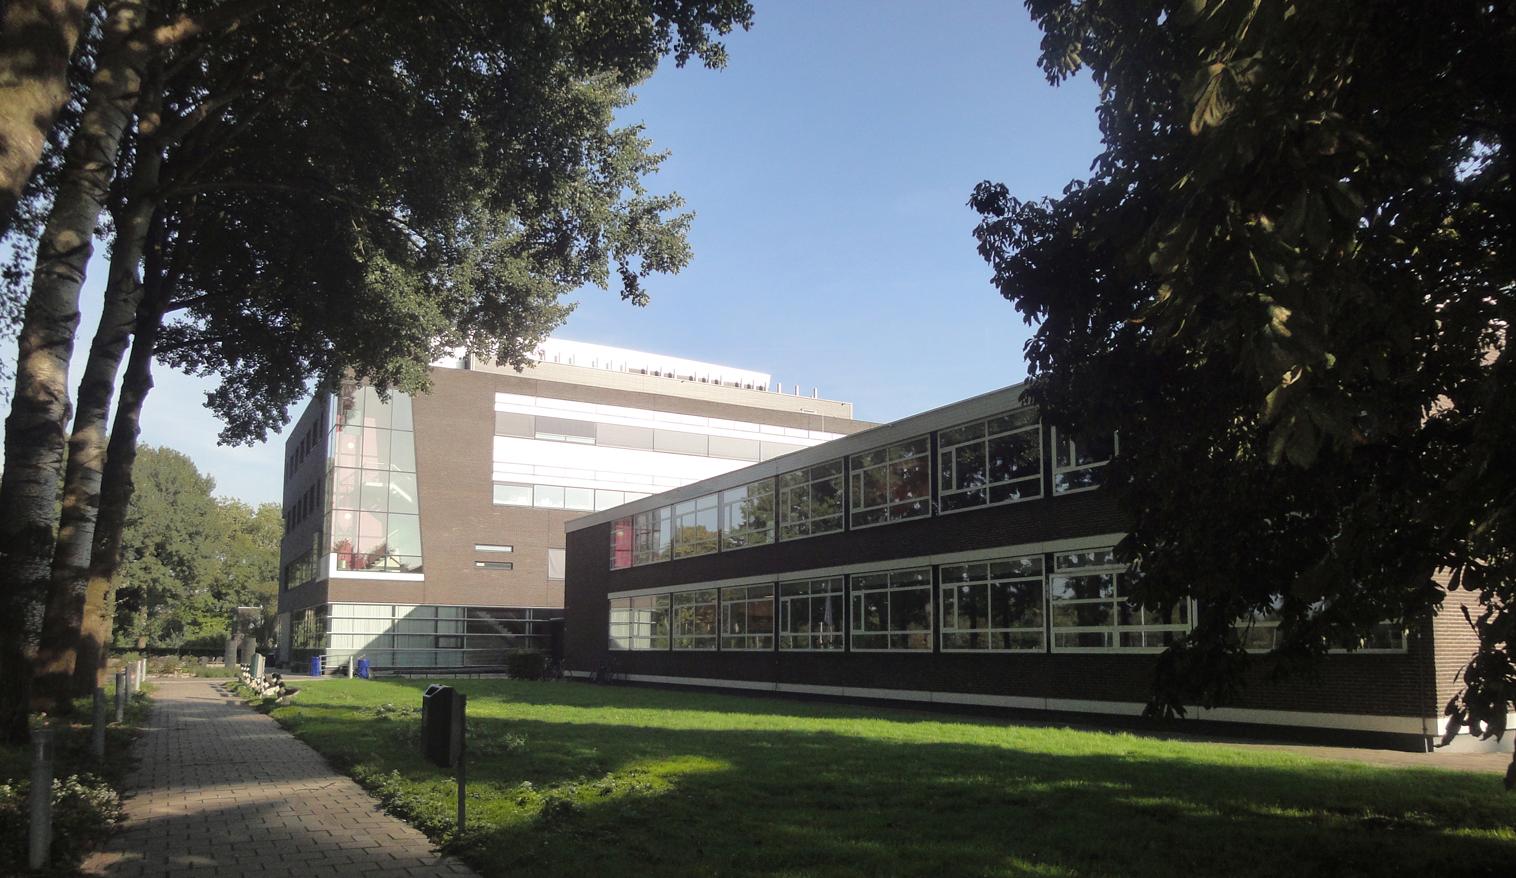 07 OPLarchitecten_Hubrecht Institute De Uithof 1516×878-72dpi